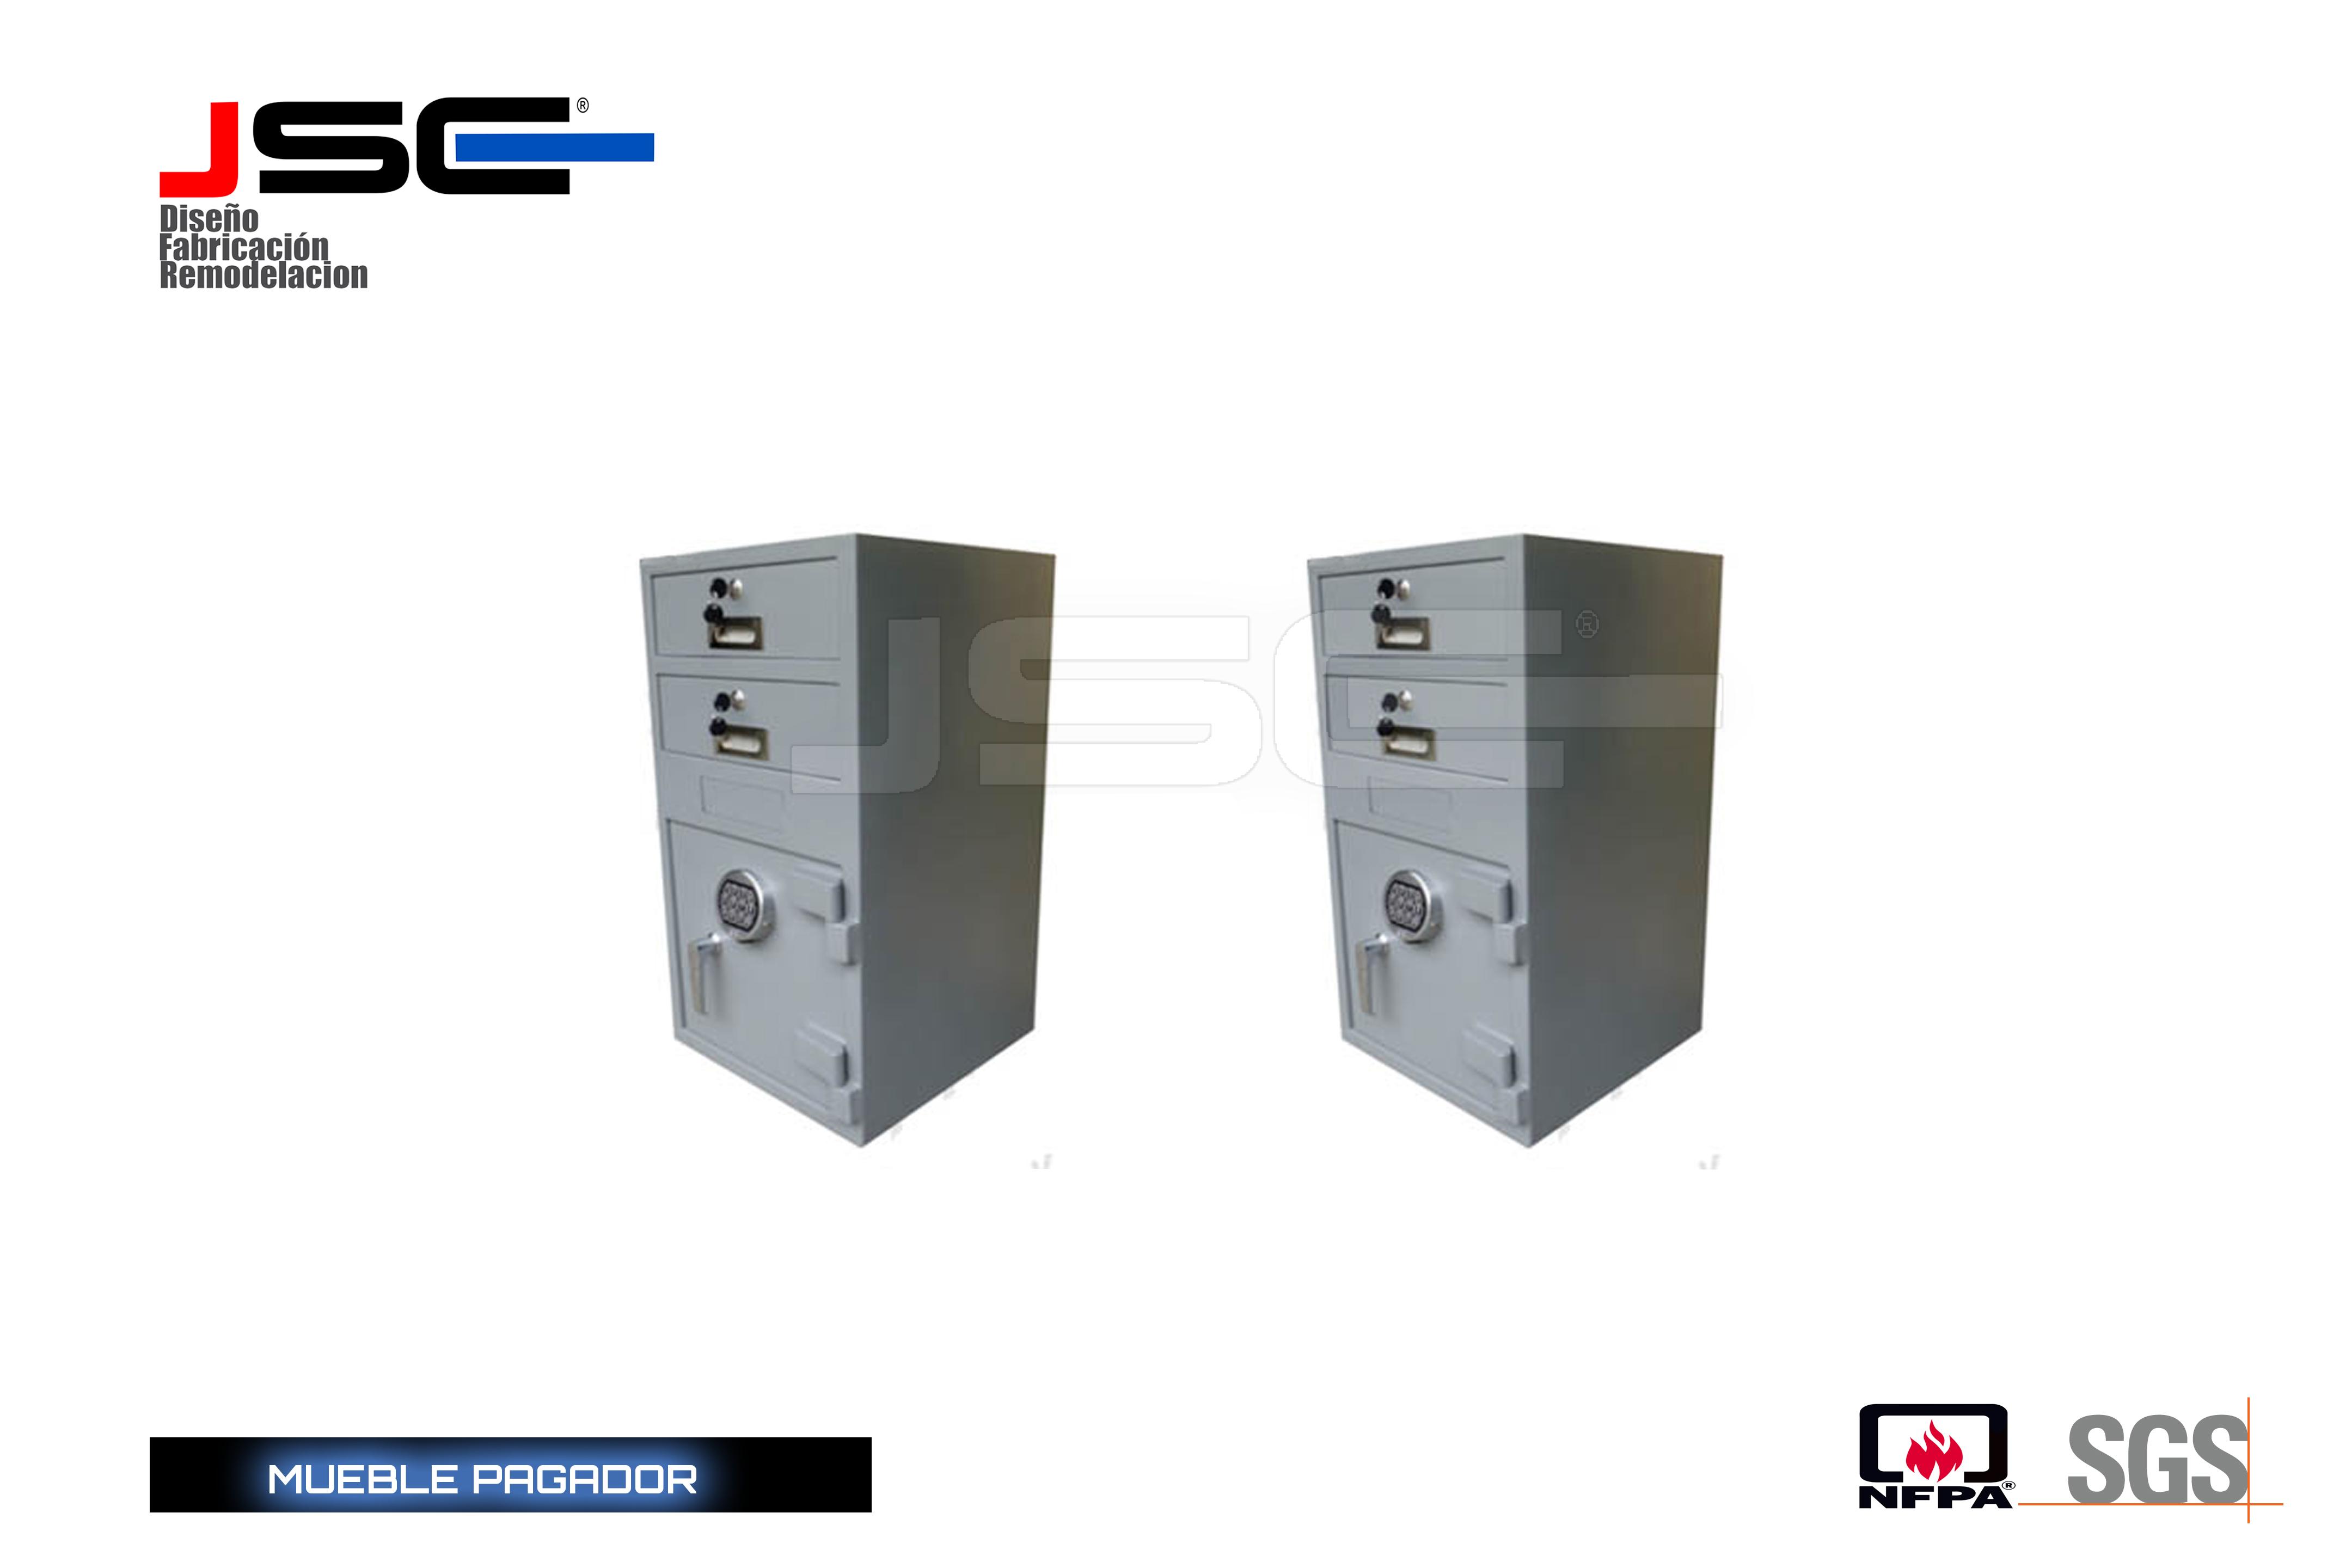 Mueble pagador JSC001